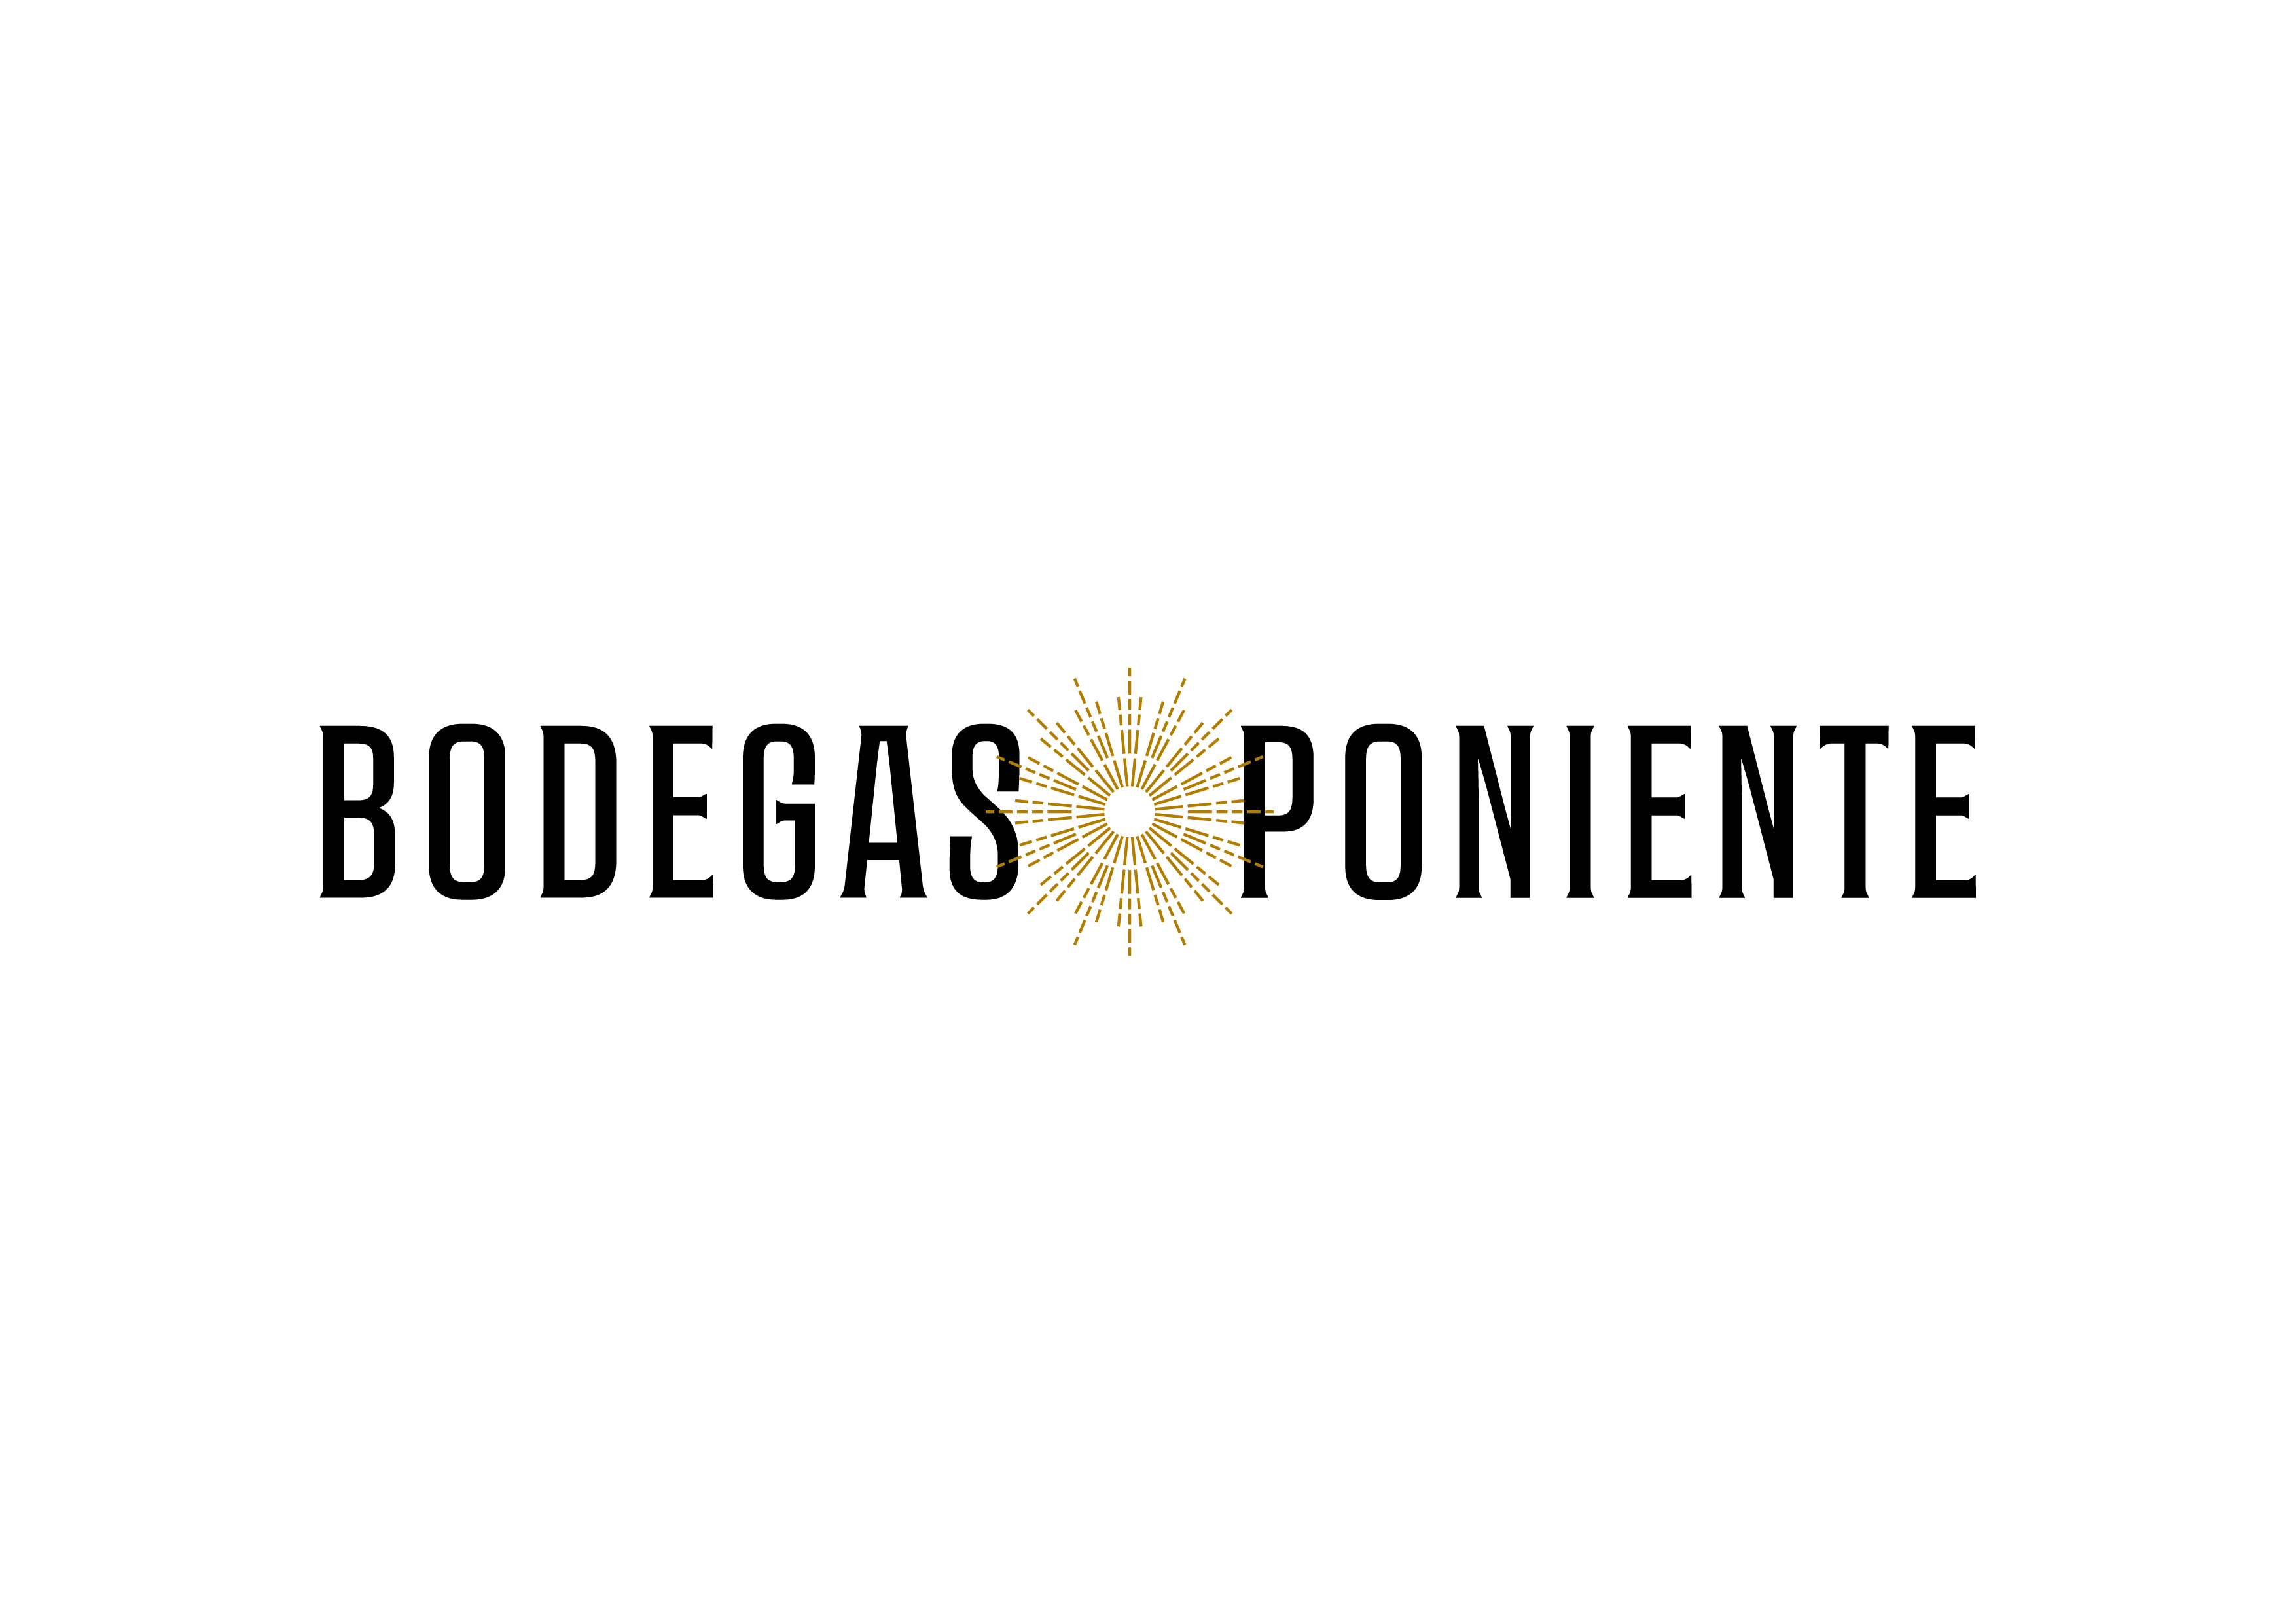 Bodegas Poniente